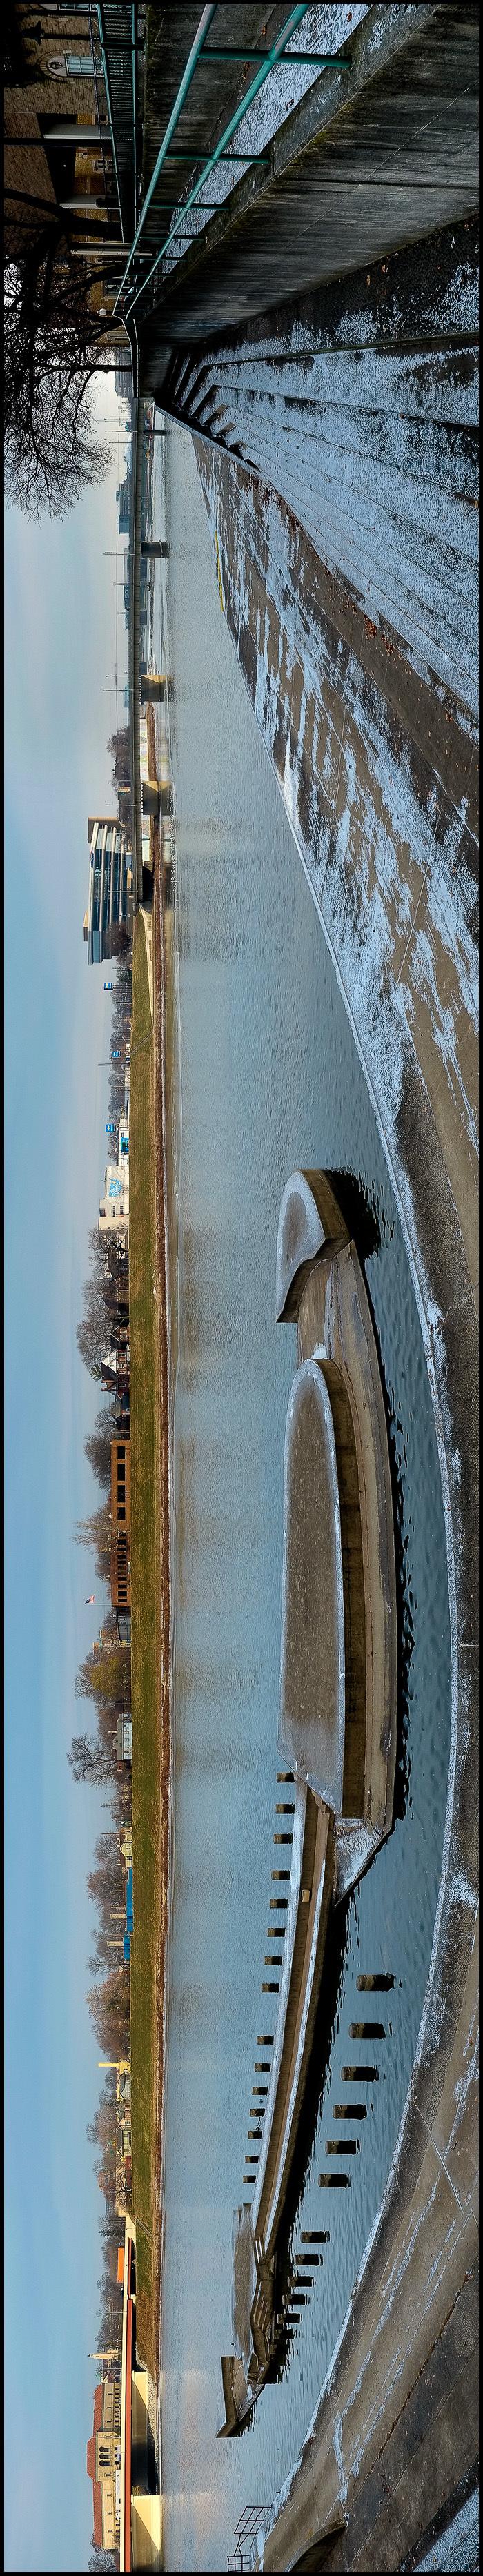 T161221-05-blog-panorama.jpg